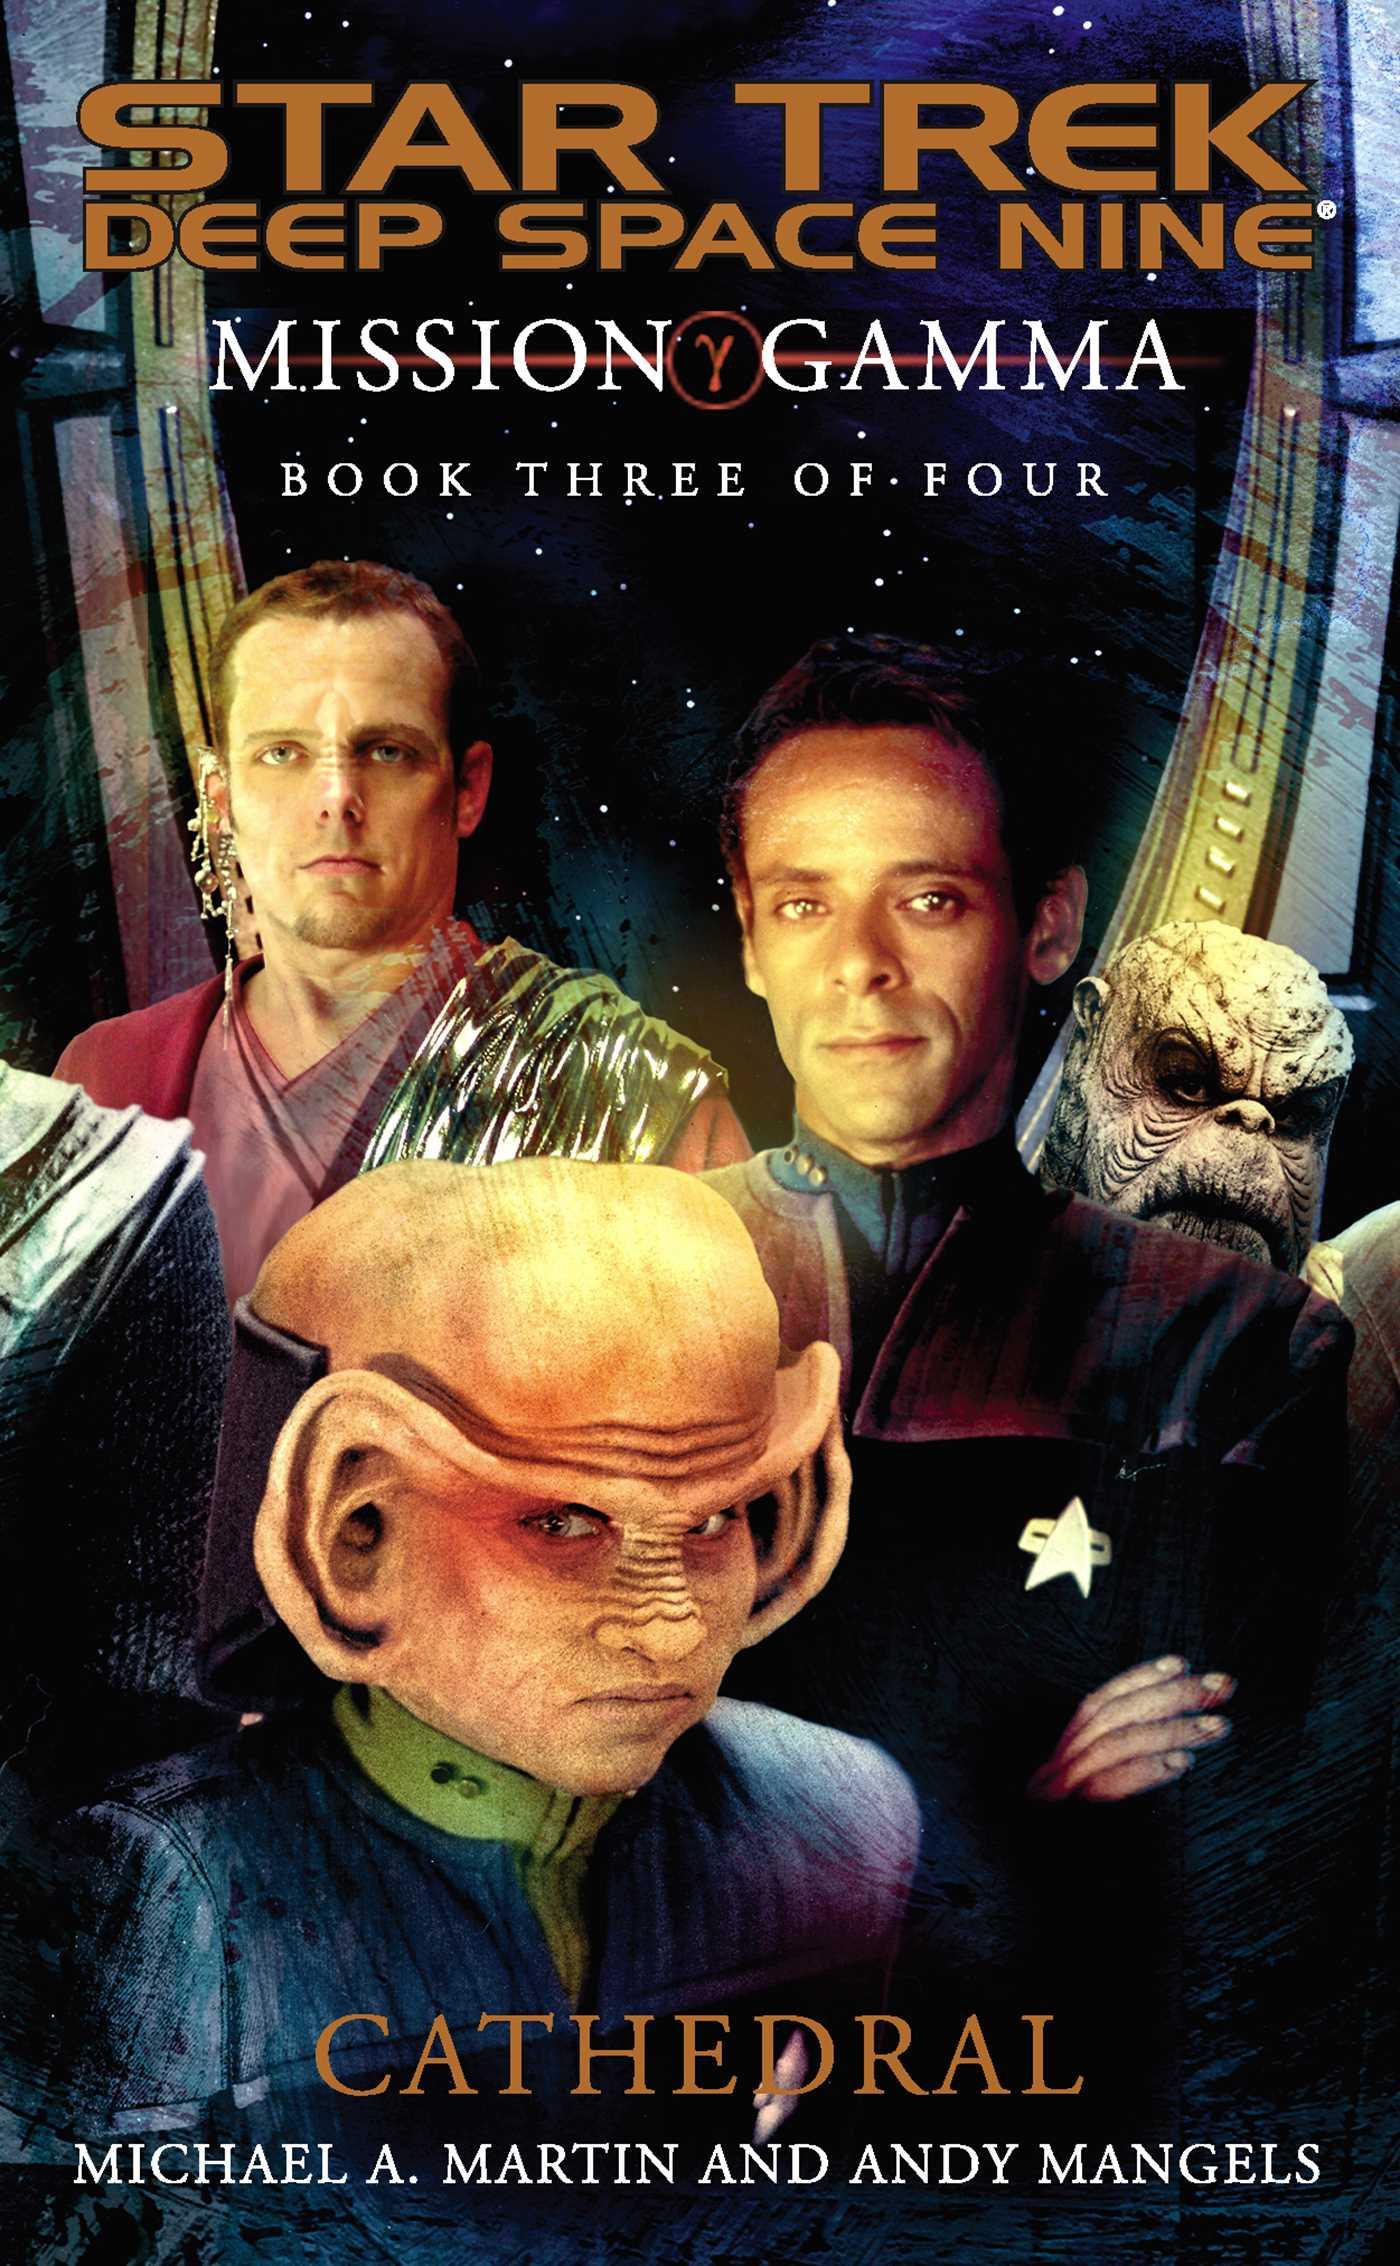 Mission gamma book three 9780743445658 hr